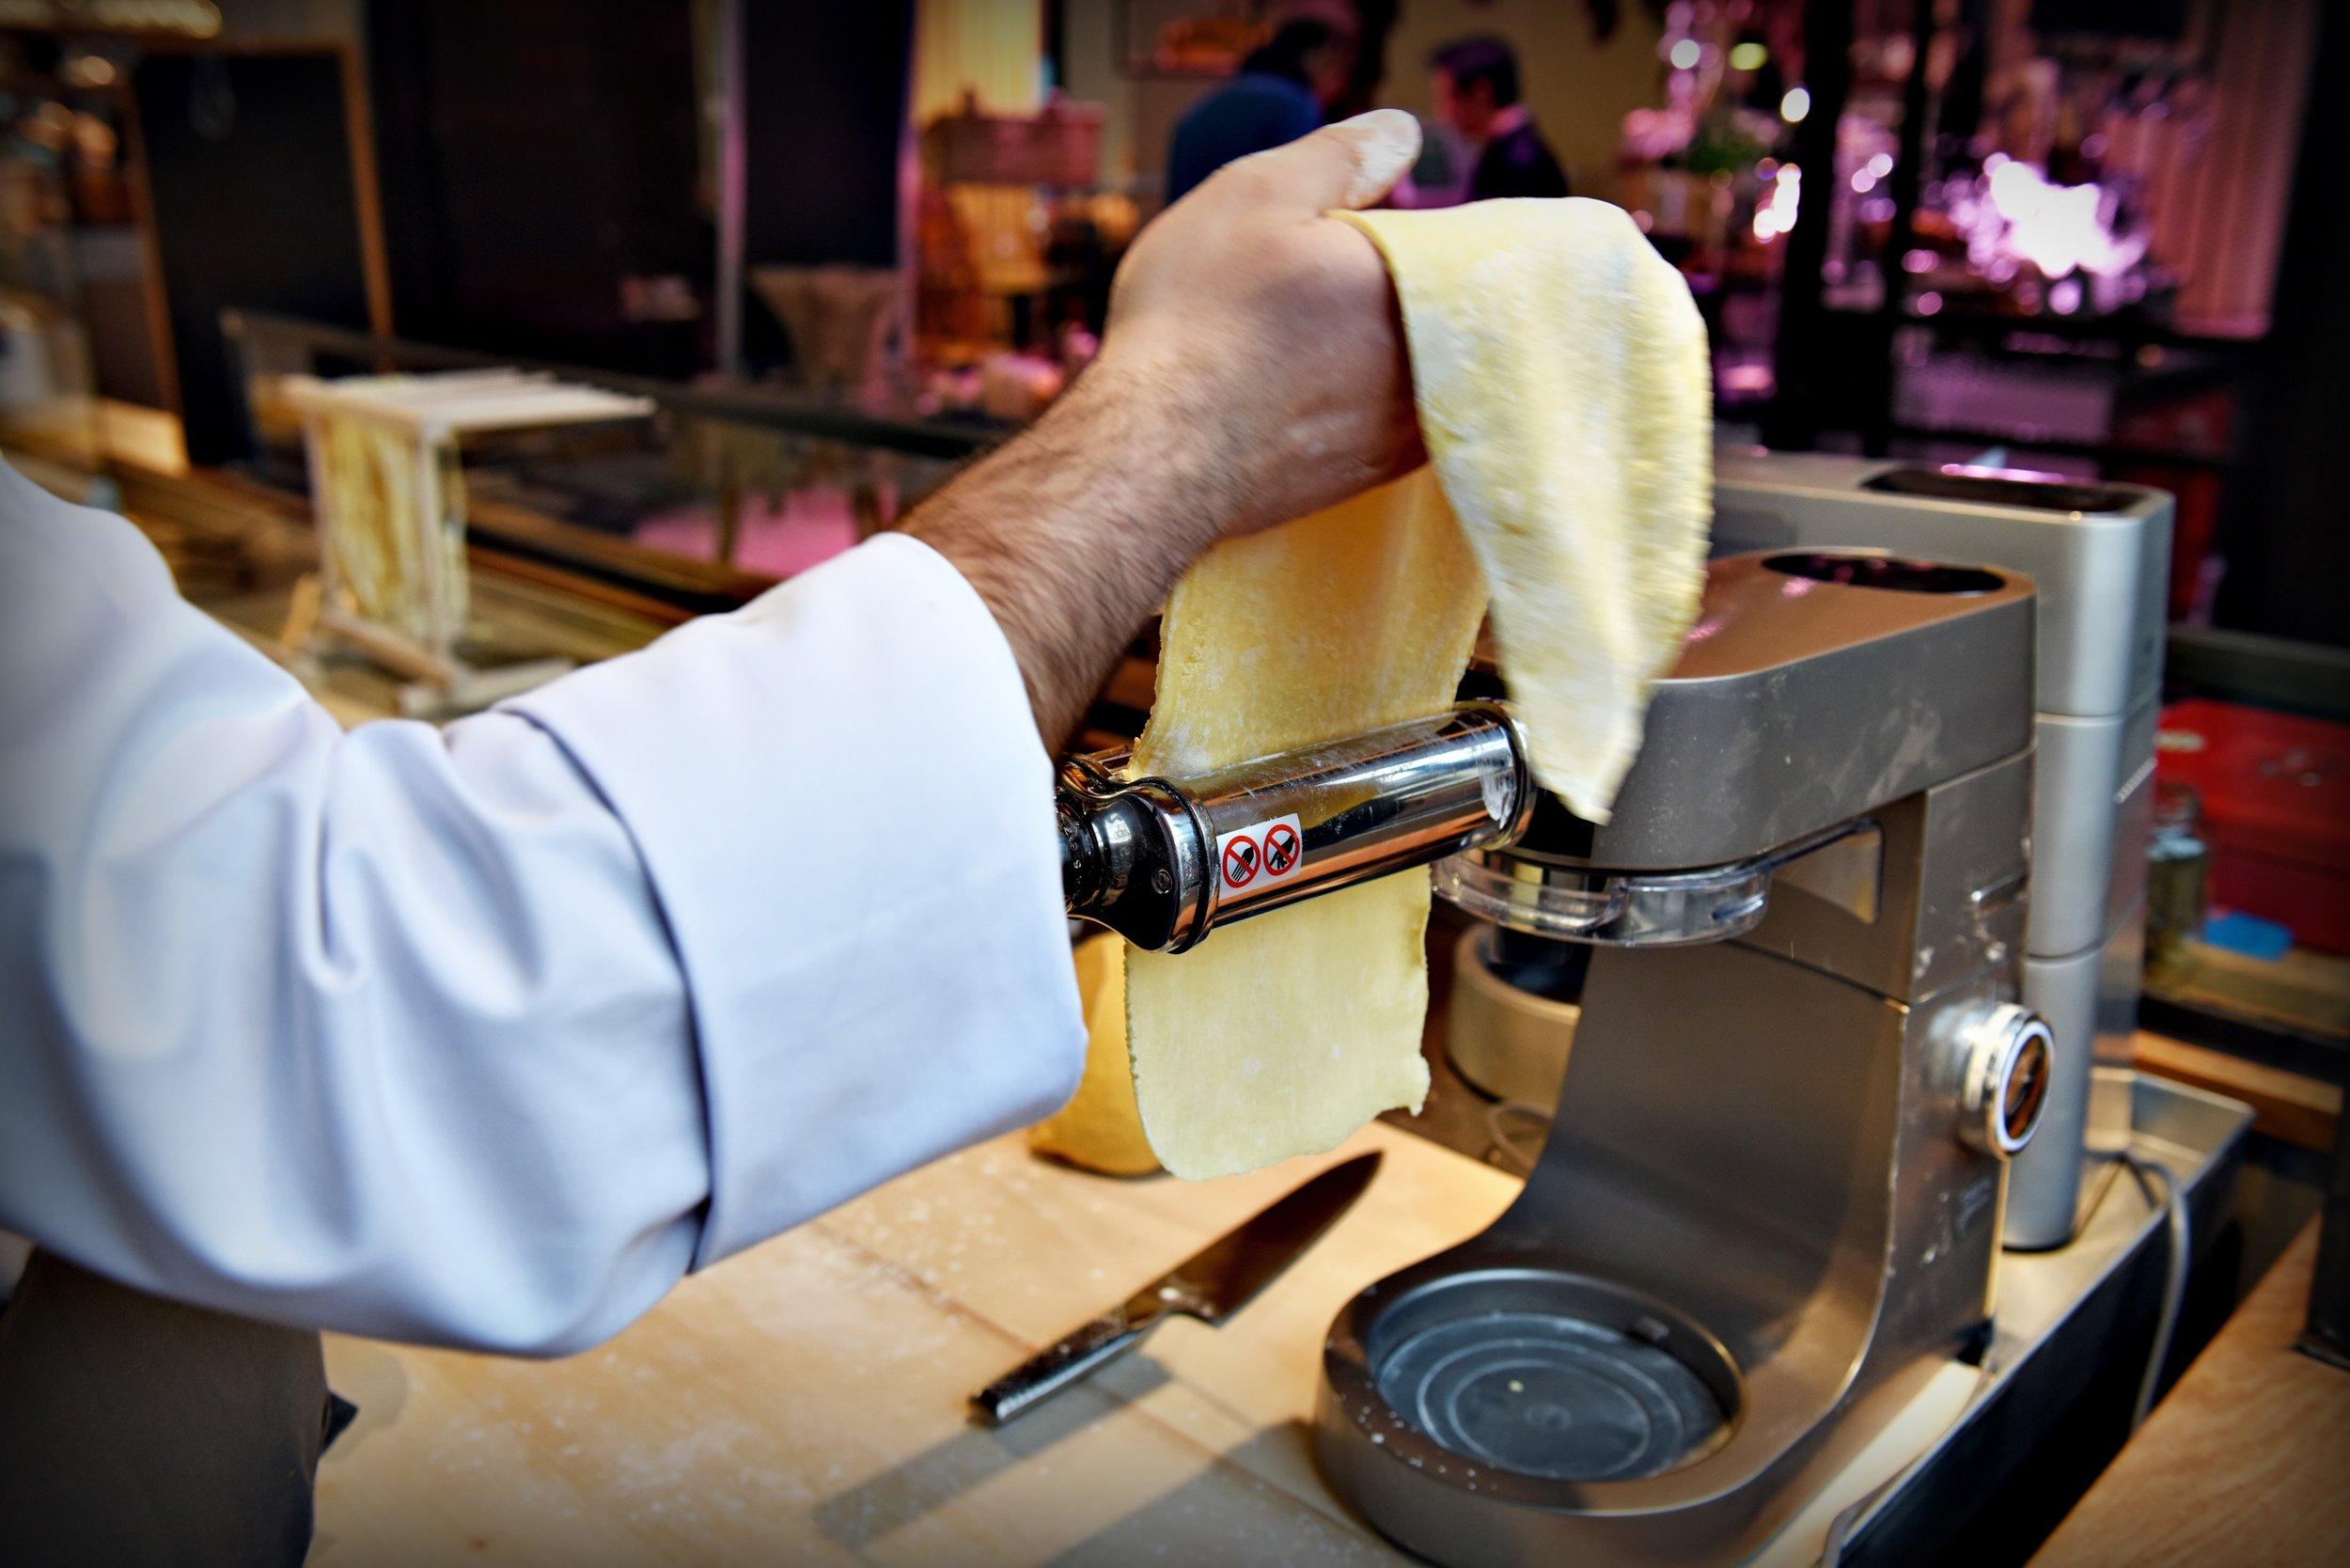 7 atelier rossi restaurant felice gault beste italiaanse italiaans chef foodmarket de smidse leuven.jpg